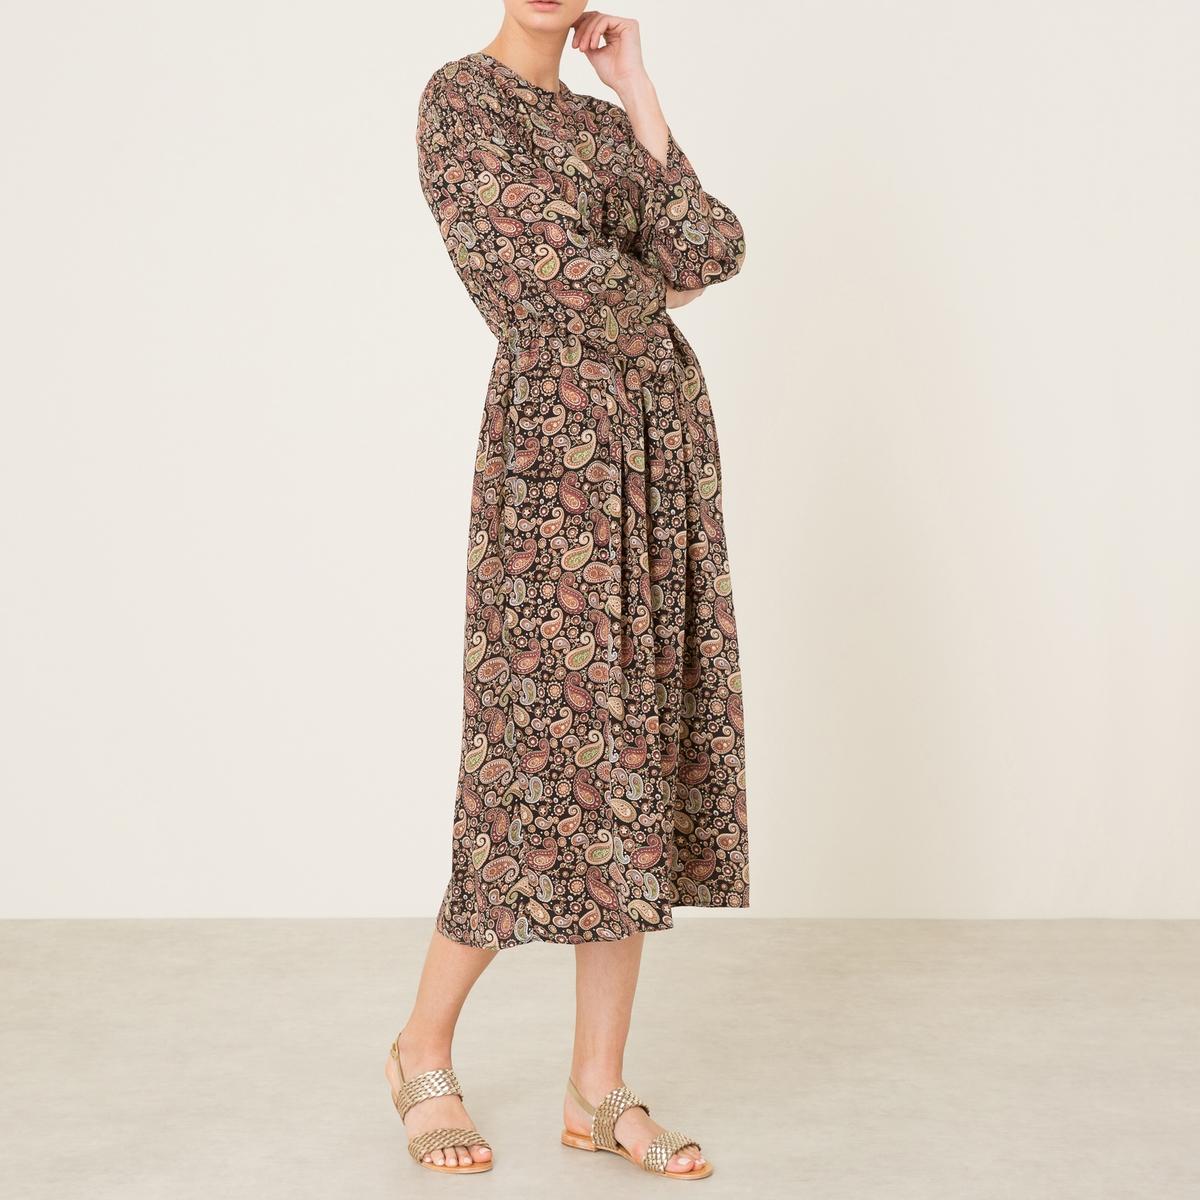 Платье длинное с рисункомДлинное платье с рисунком LAURENCE BRAS из шелка. Круглый вырез. Эластичные сборки и складки от пояса. Длинные рукава.Состав и описание   Материал : 100% шелкМарка : LAURENCE BRAS<br><br>Цвет: рисунок пейсли<br>Размер: S